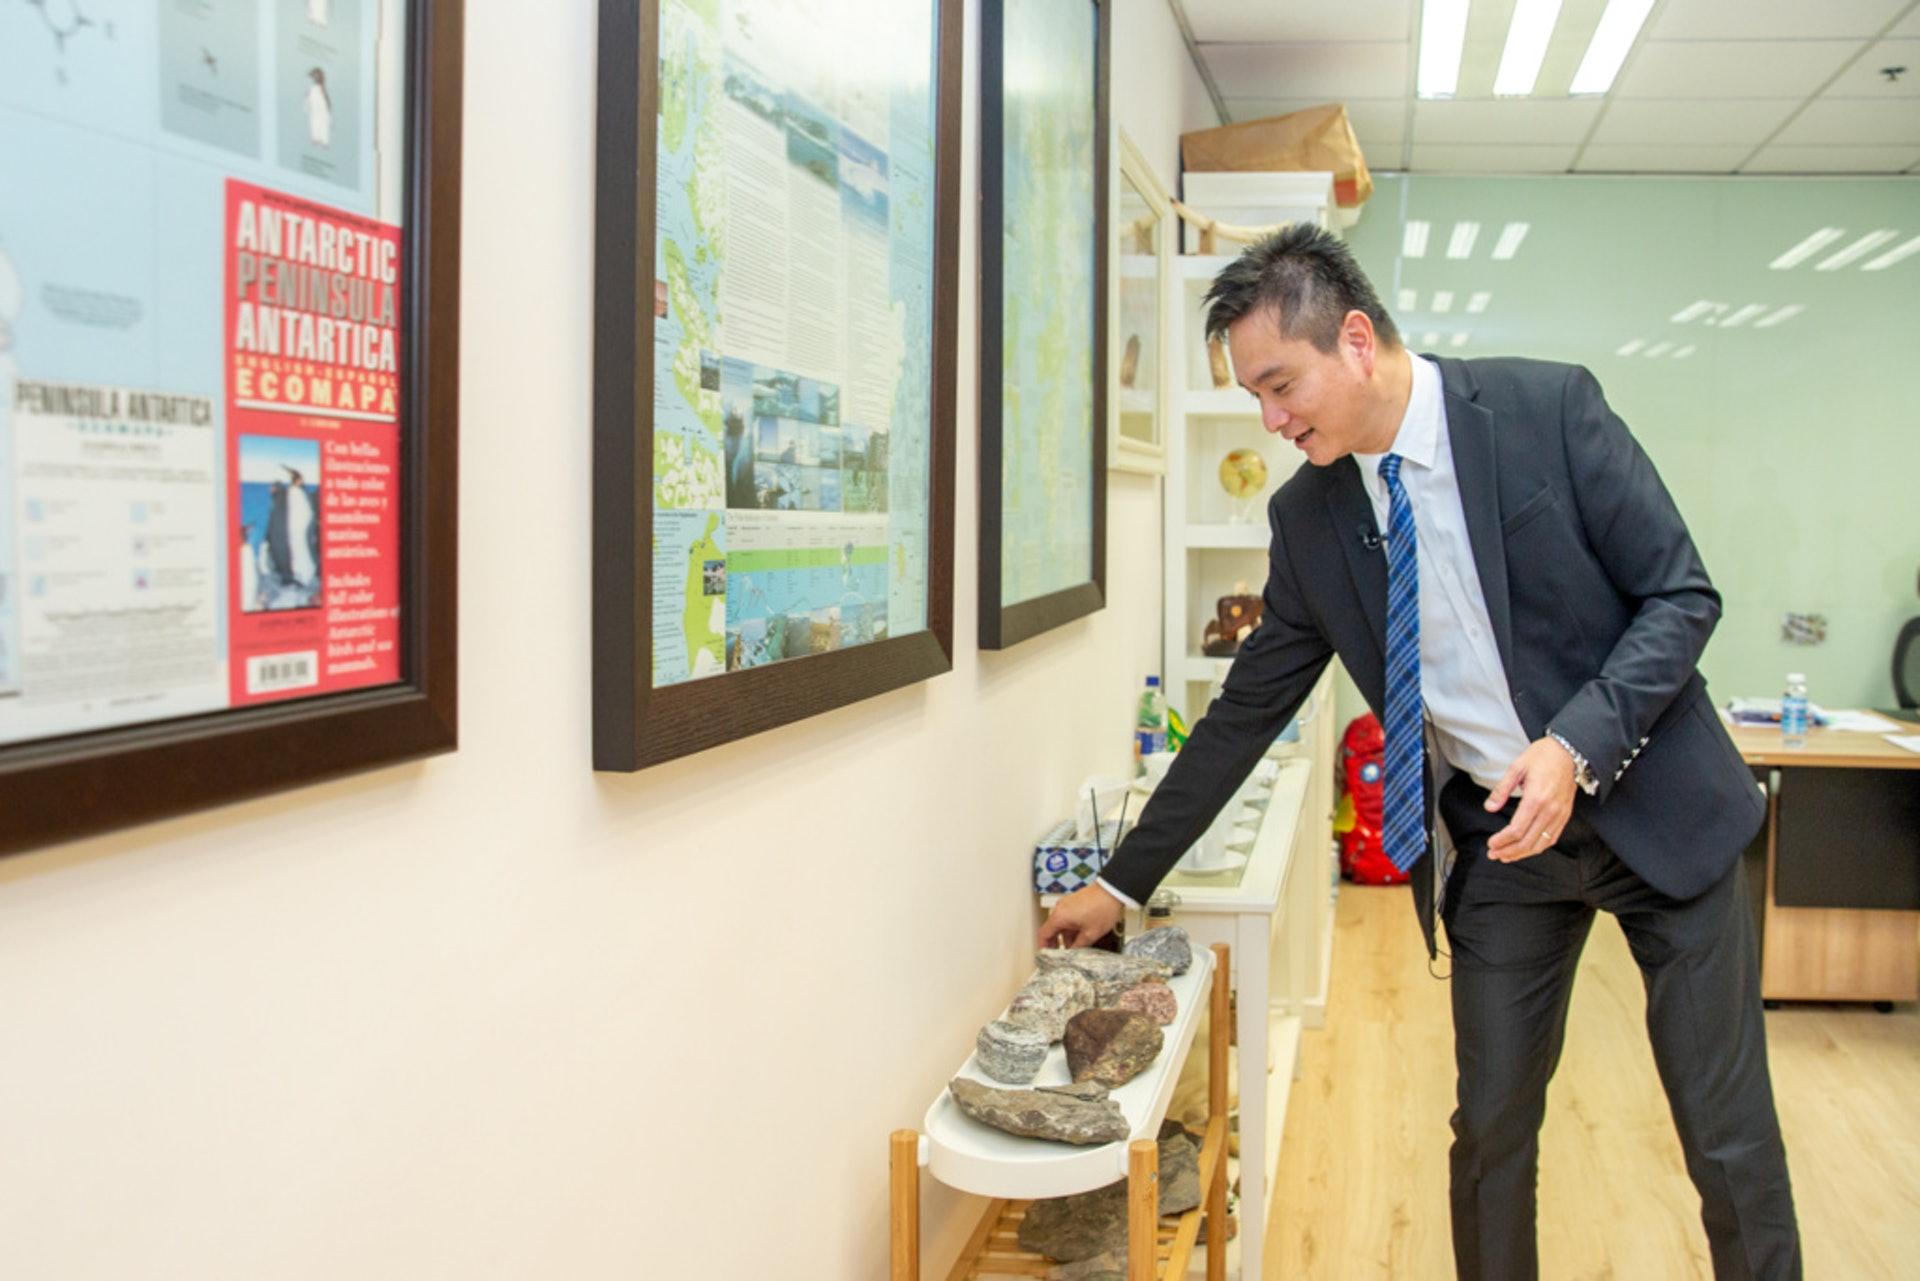 林校長熱愛自然,如數家珍般向記者介紹擺放在校長室、來自世界各地的石頭。